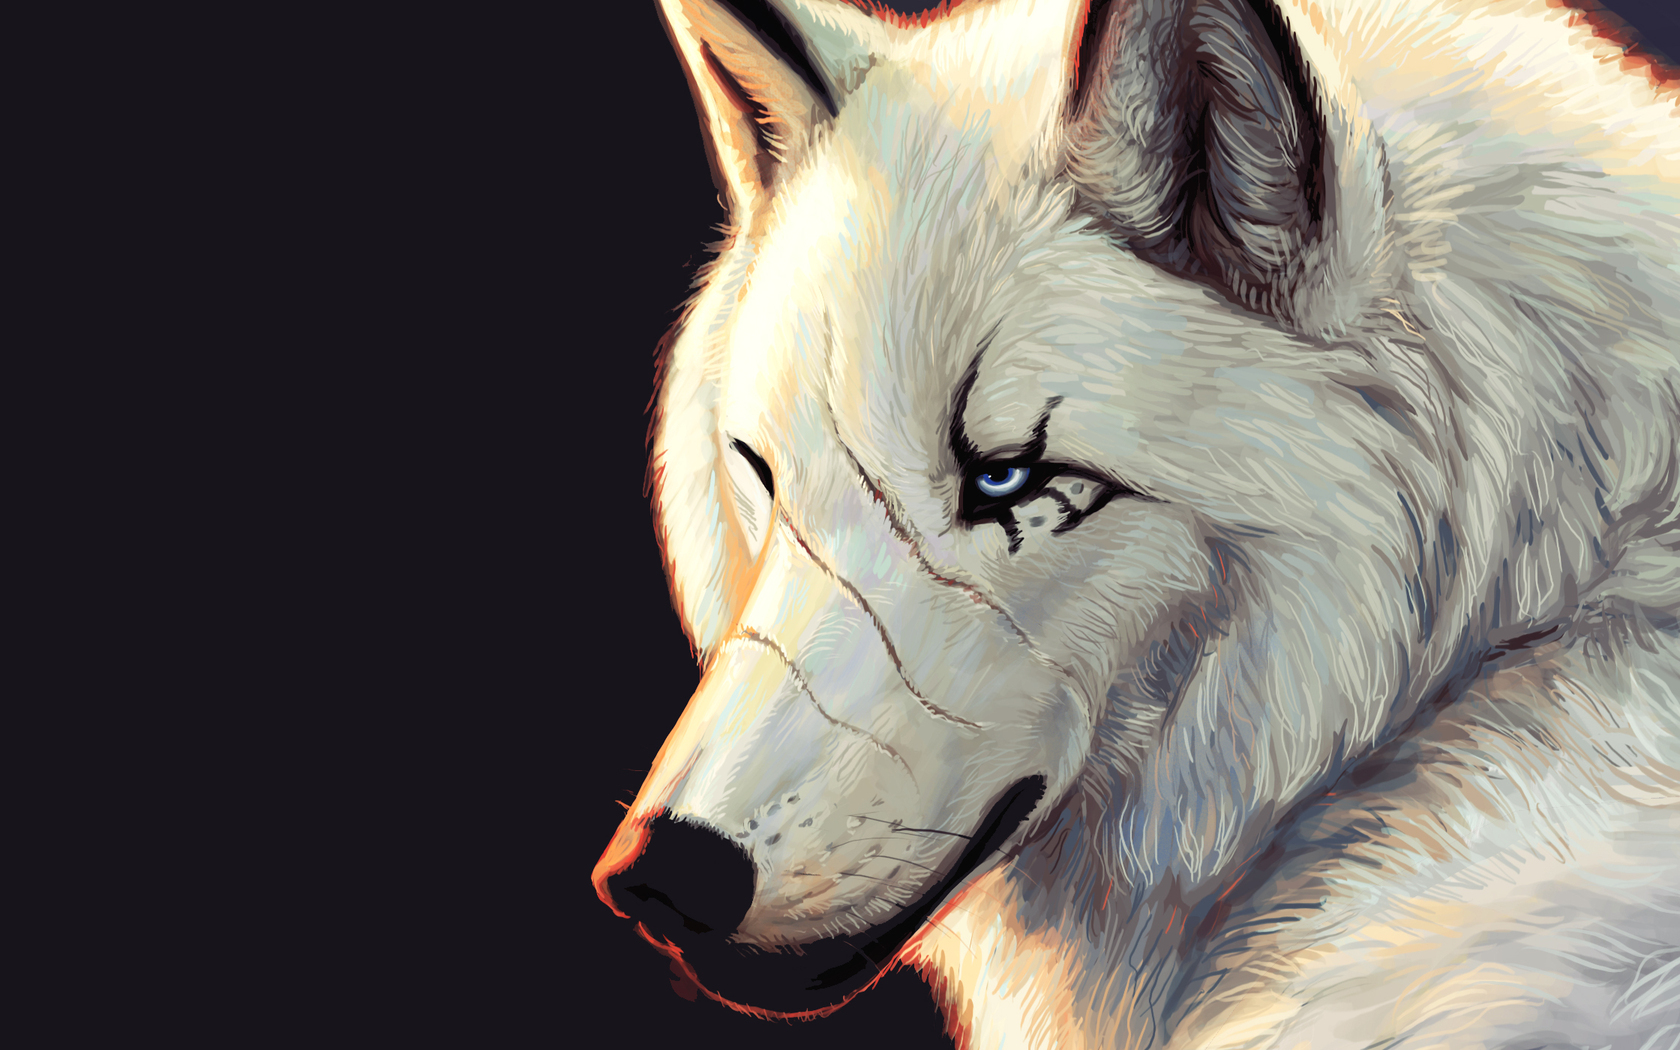 Обои на рабочий стол волки нарисованная